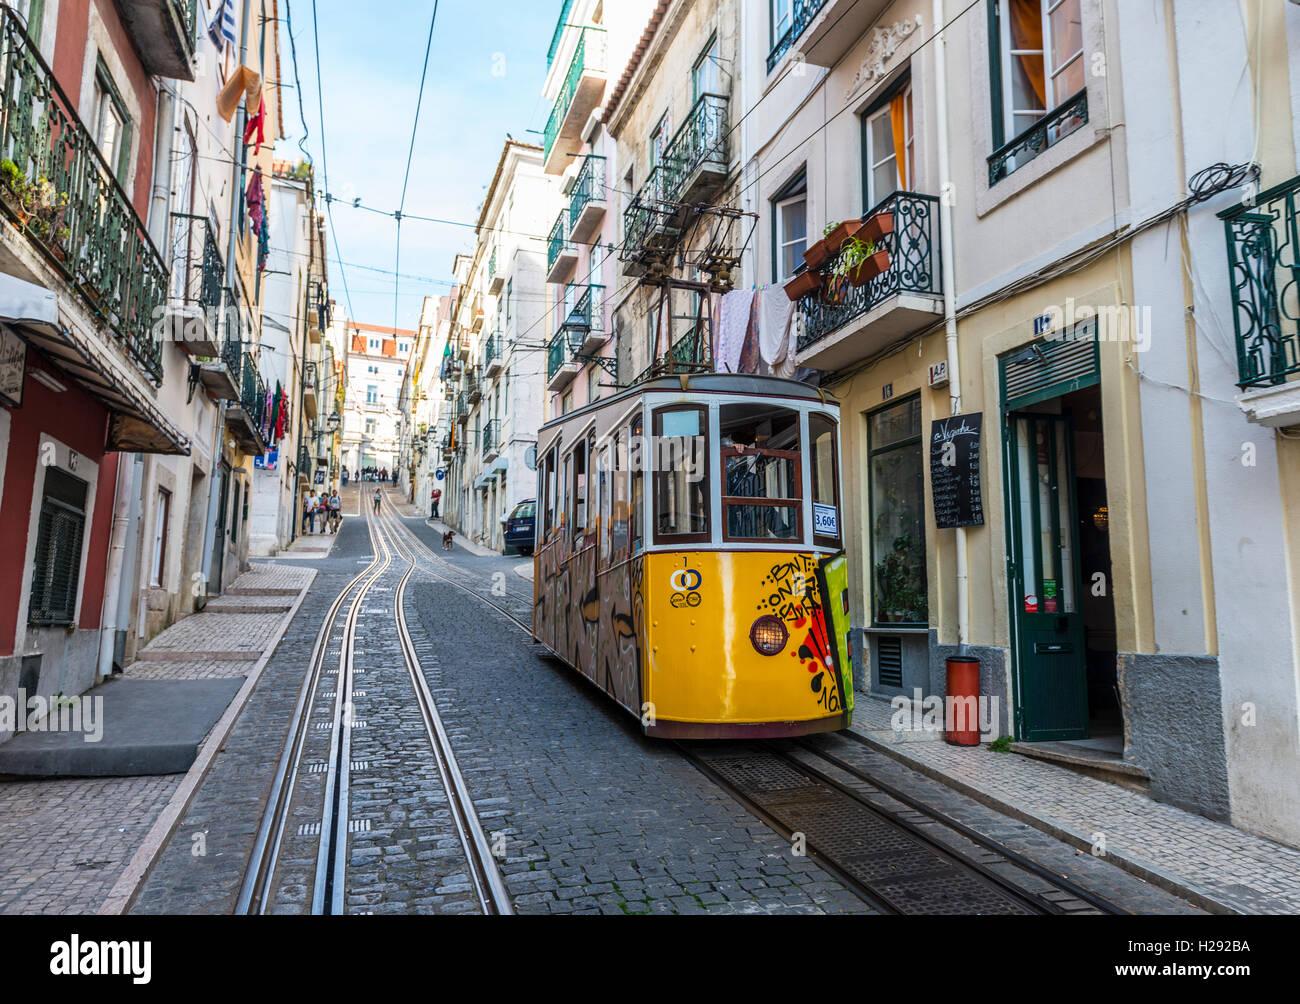 Ascensor da Bica, Bica Funicular, Calçada da Bica Pequena, Lisbon, Portugal - Stock Image